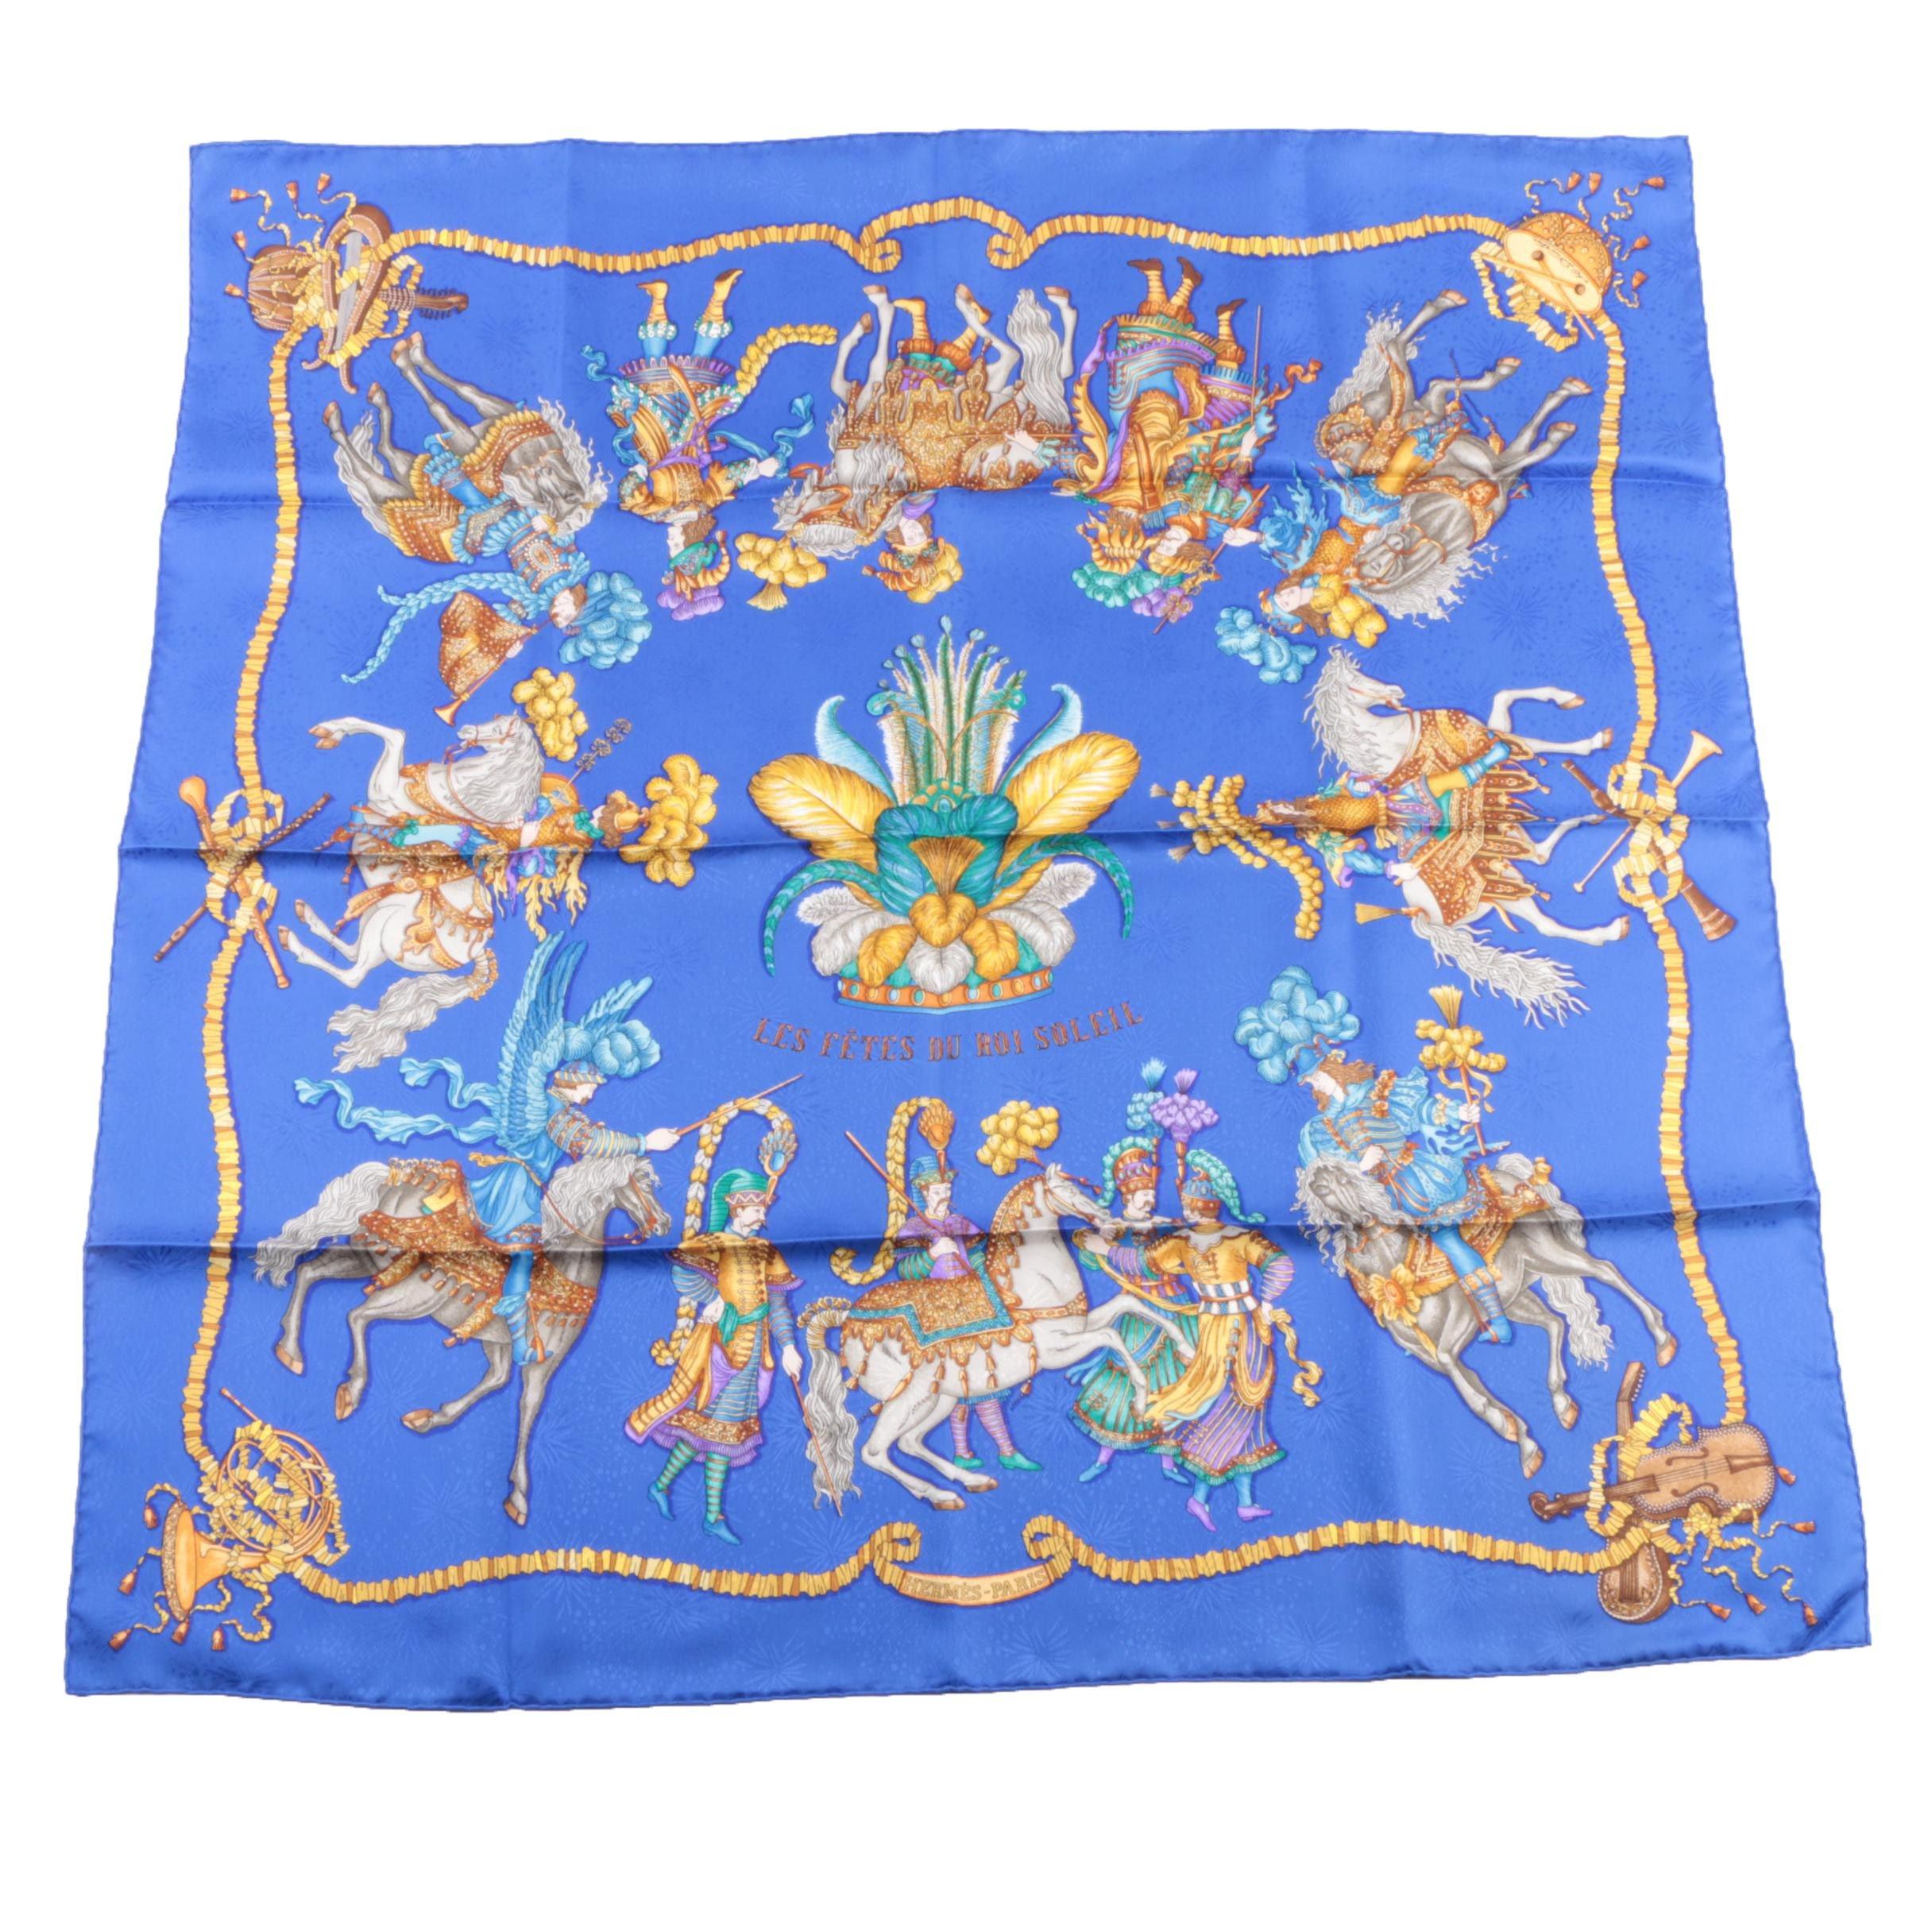 """Circa 1995 Vintage Hermès of Paris """"Les Fêtes du Roi Soleil"""" Silk Scarf"""